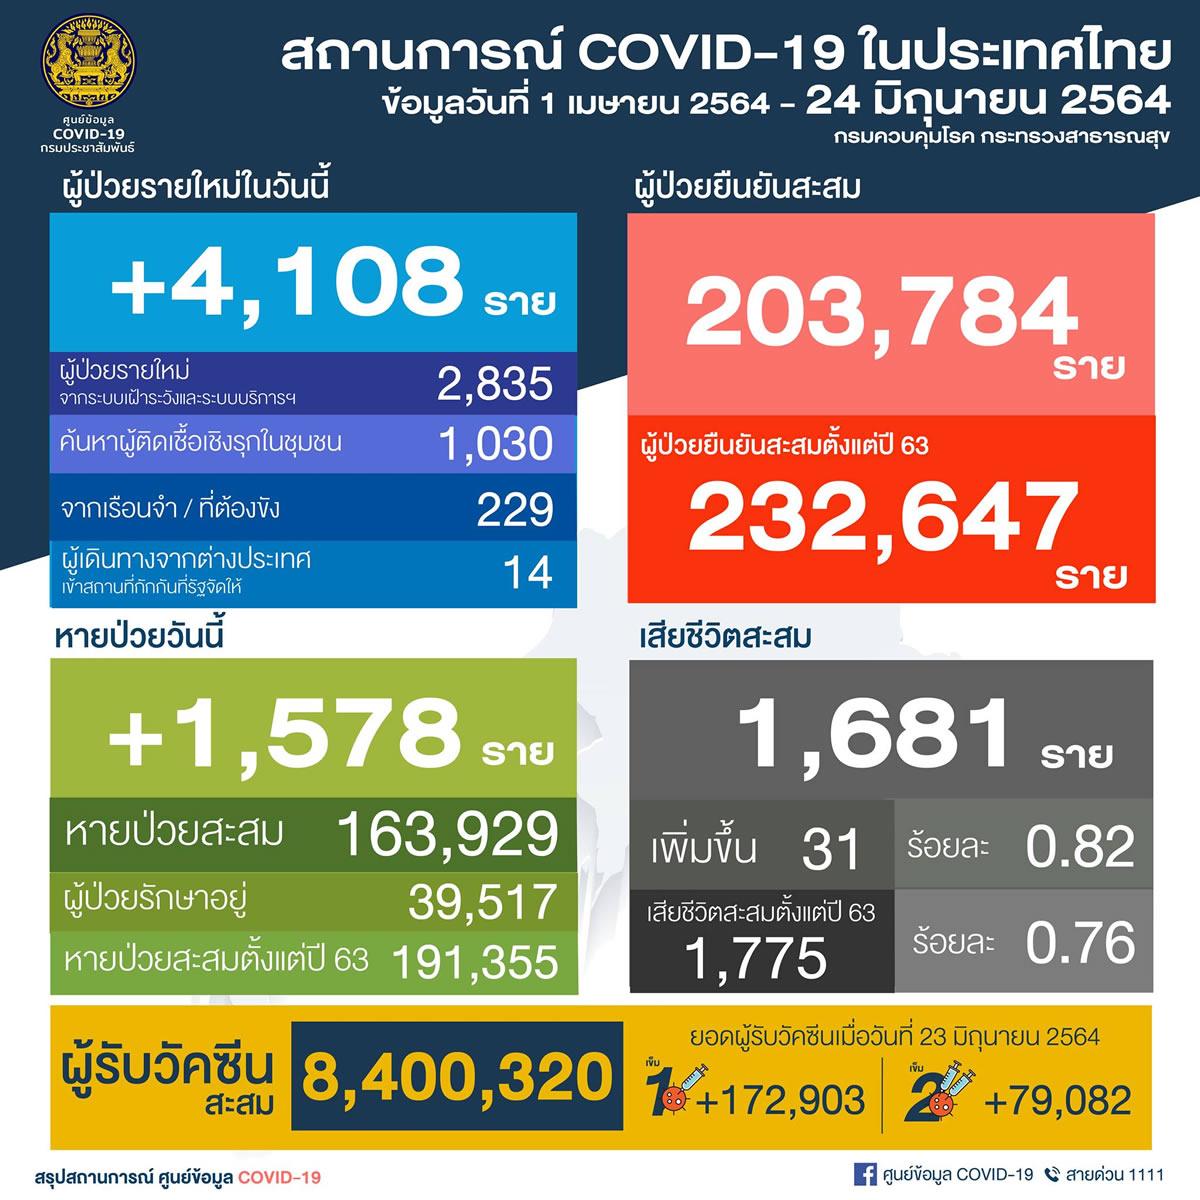 タイ 陽性4,108人/バンコク都1,359人/4県で200人超え[2021年6月24日発表]